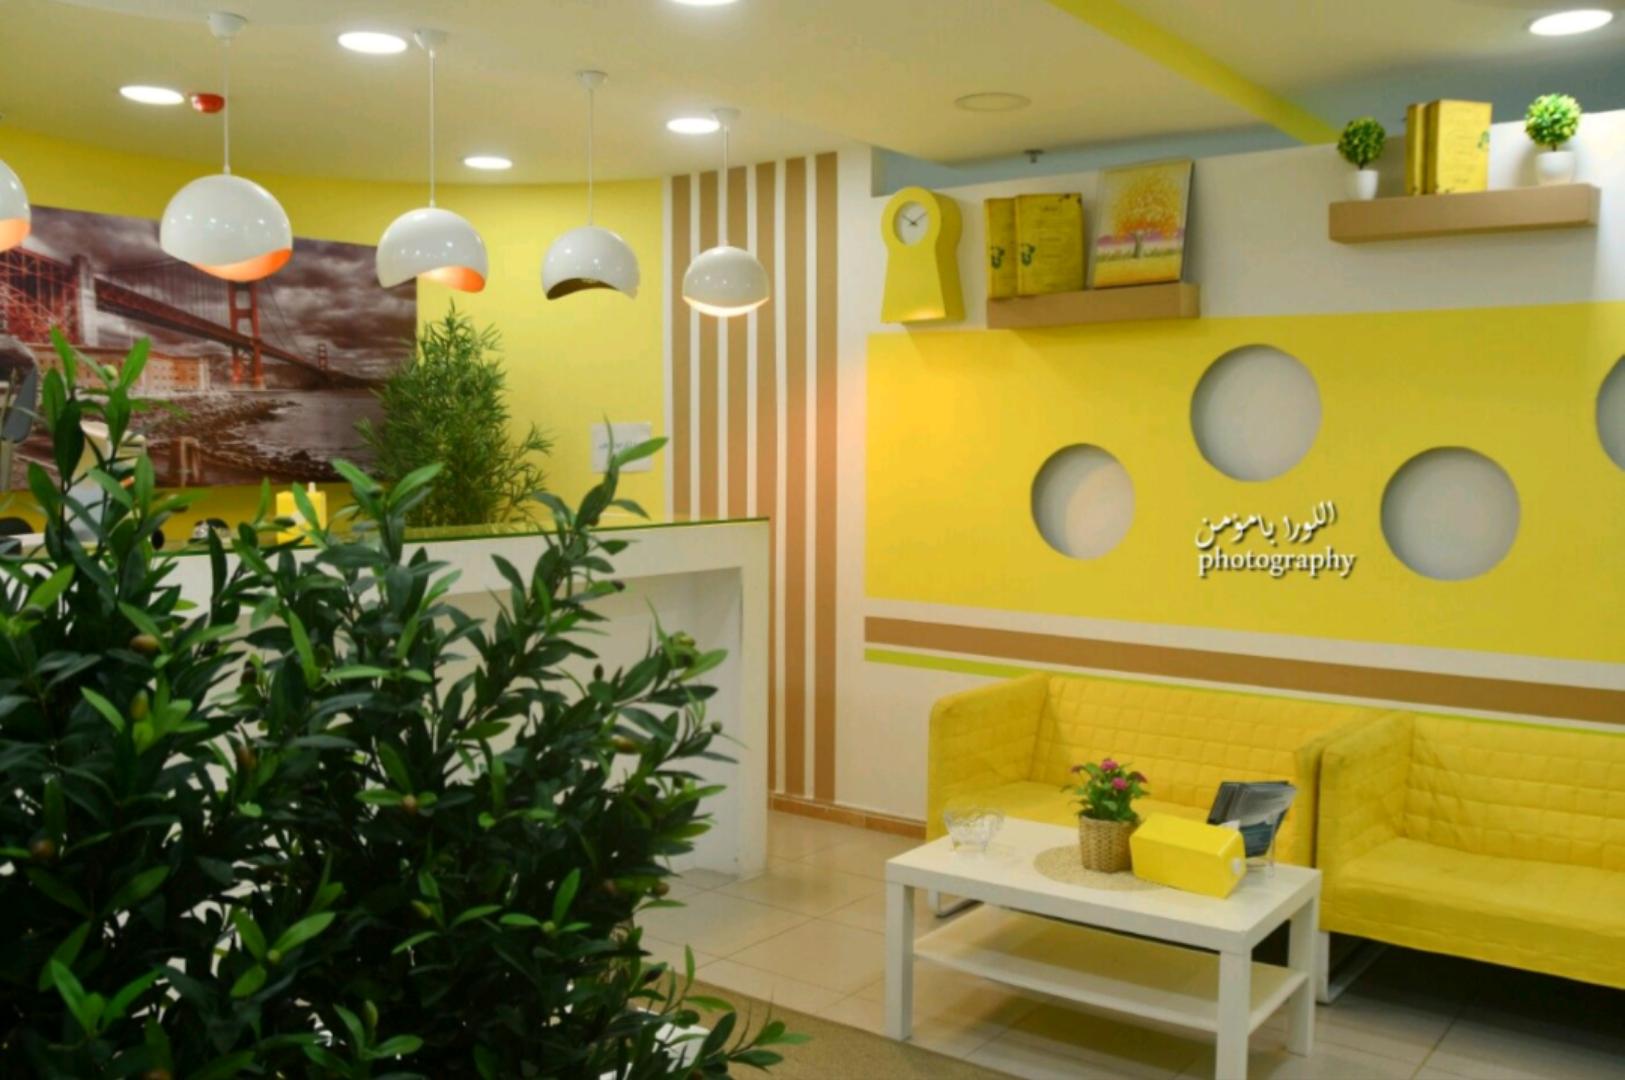 يتوفر لدى مكاتب السعودية مكاتب افتراضية للايجار ب 150